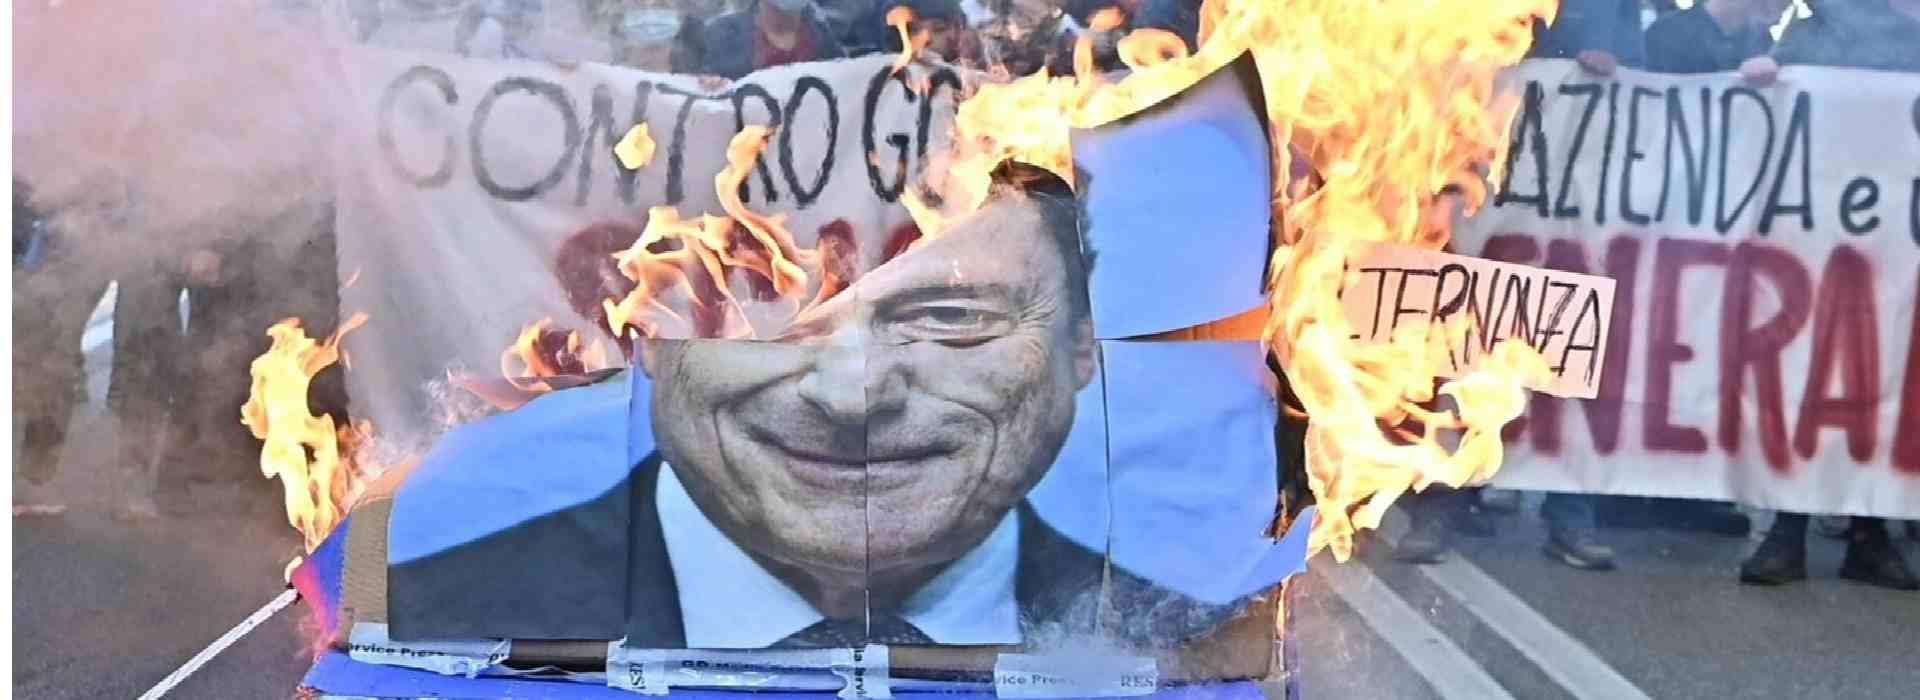 """""""Alzare il livello della lotta"""": così i No pass annunciano altre manifestazioni"""